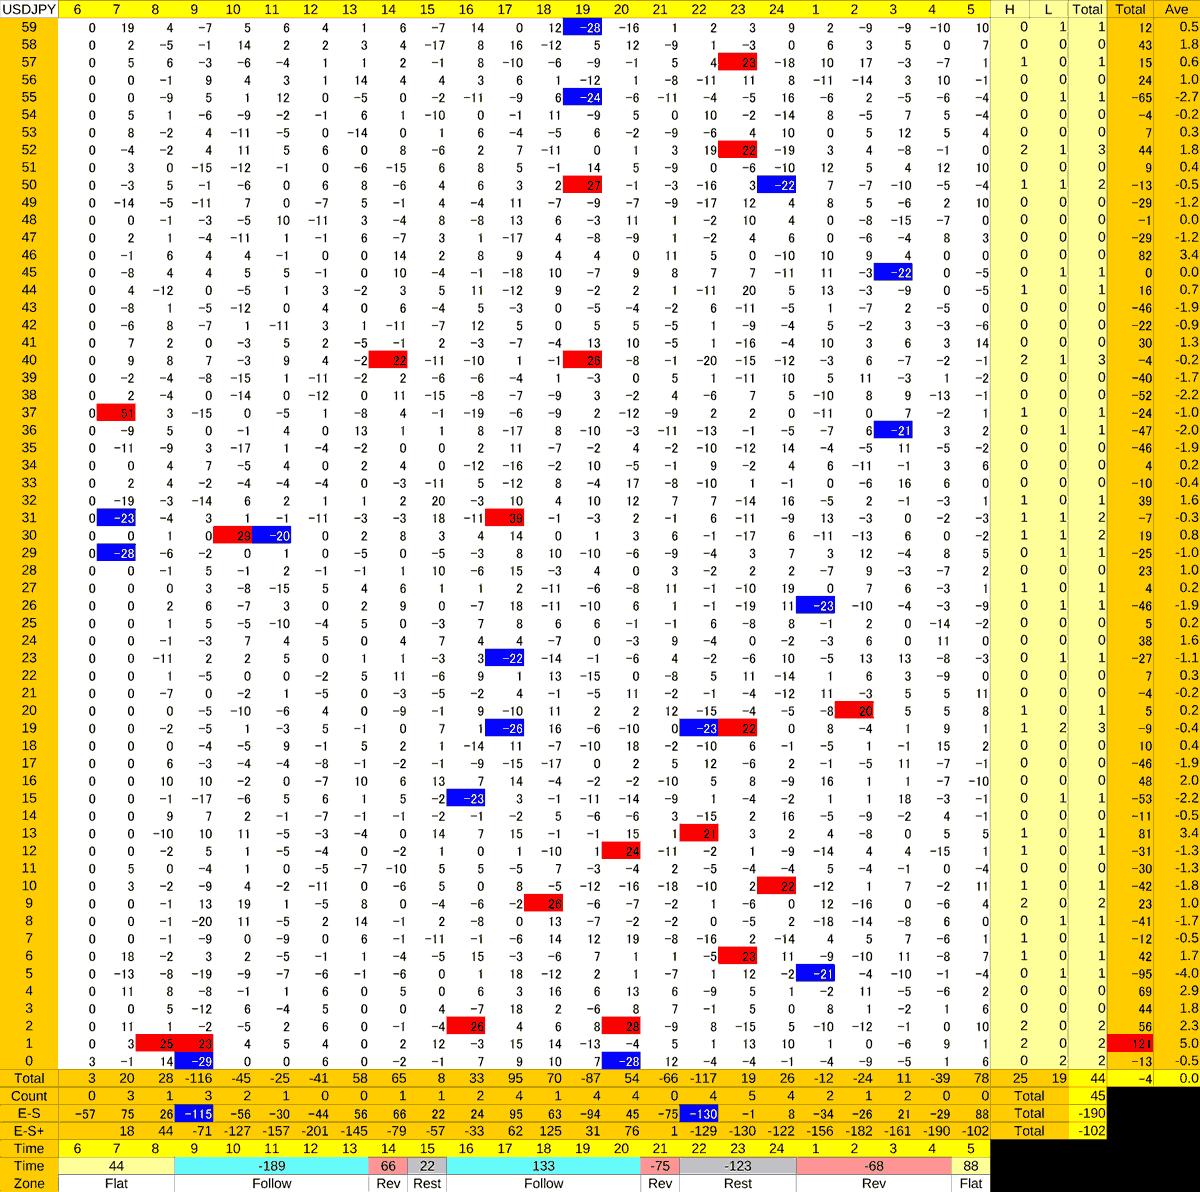 20201207_HS(1)USDJPY